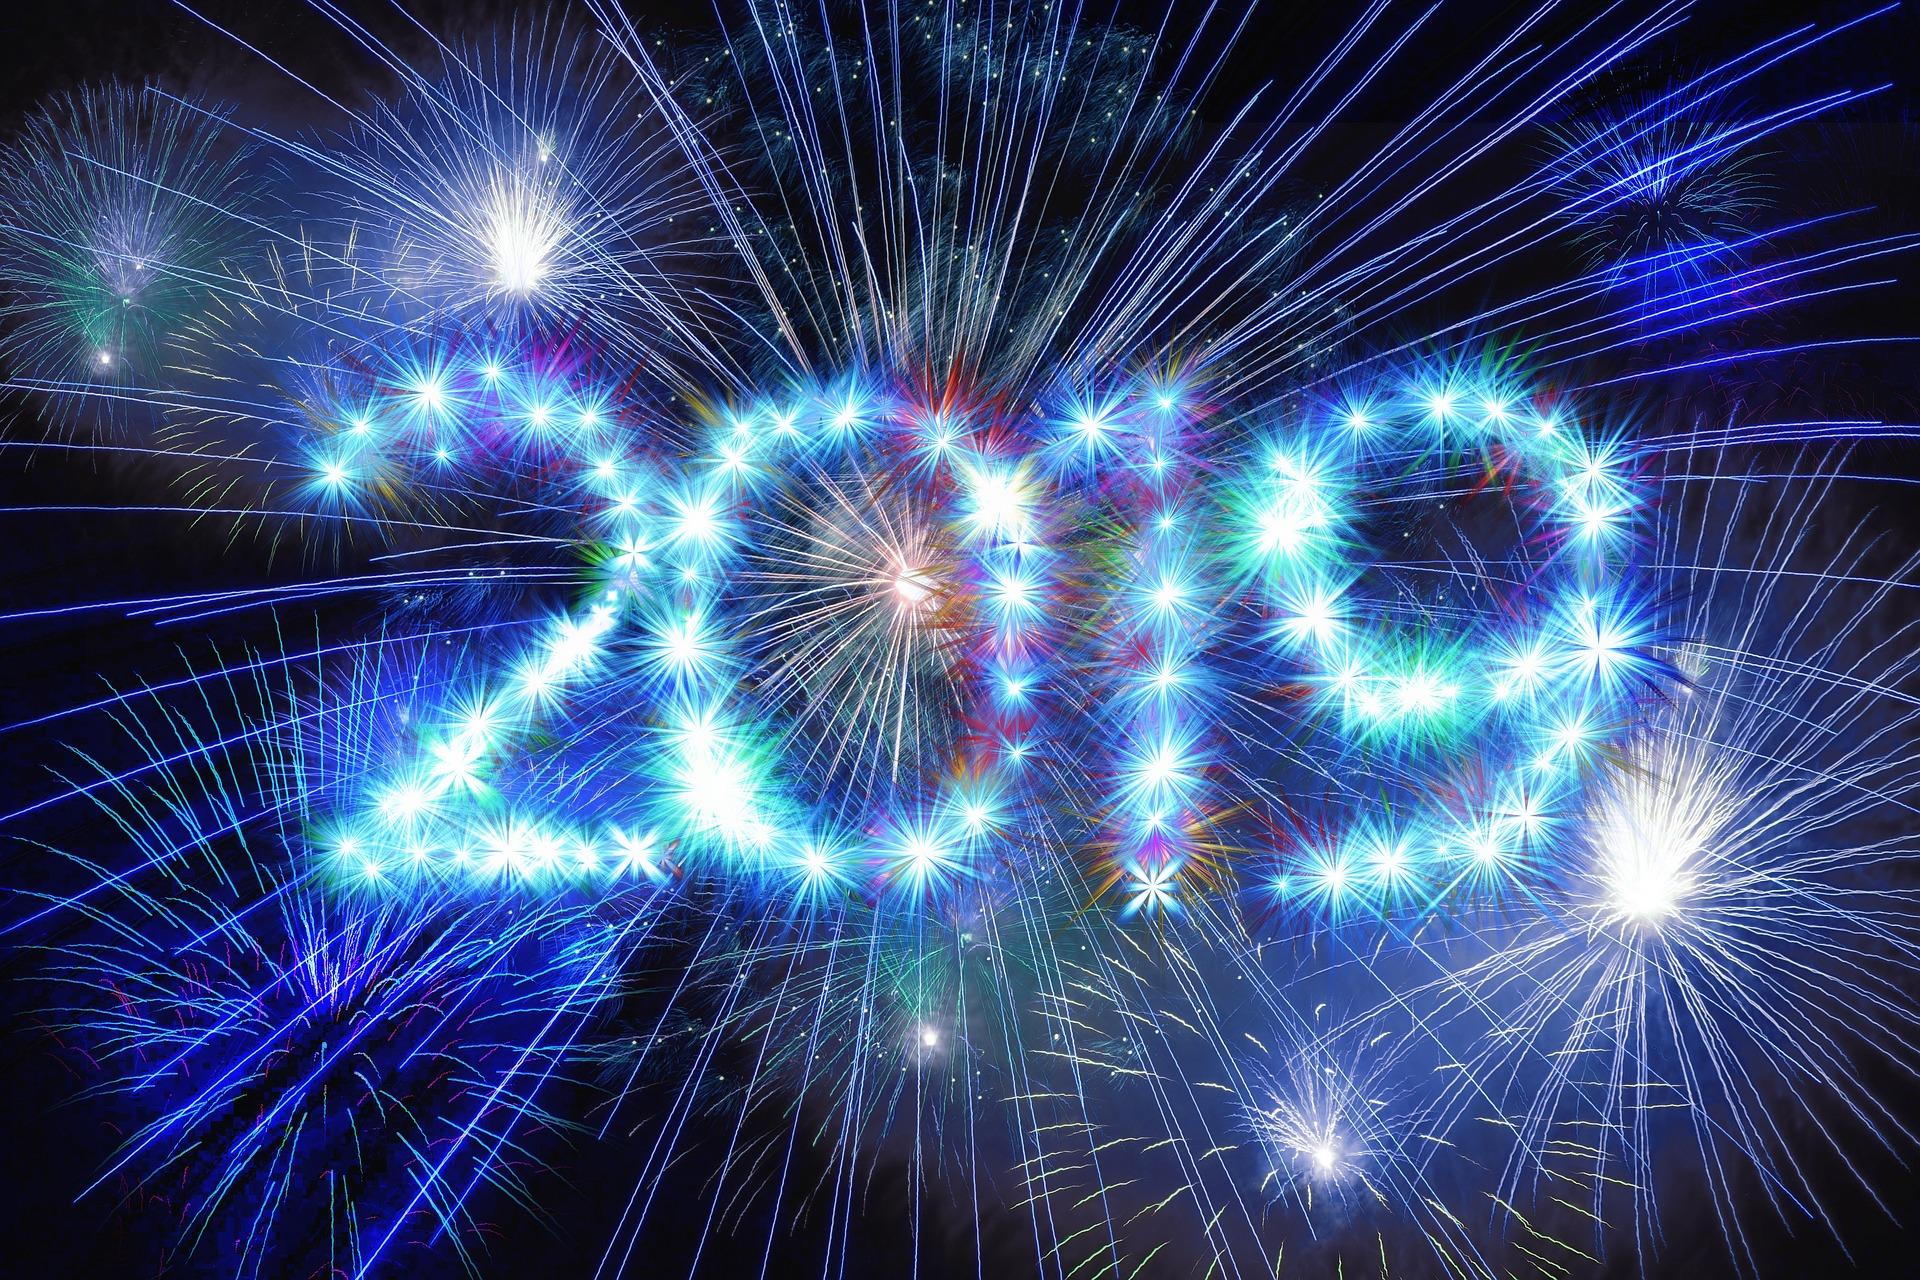 【2019年】今年期待の技術とかゲームとか色々の話【全年齢版】